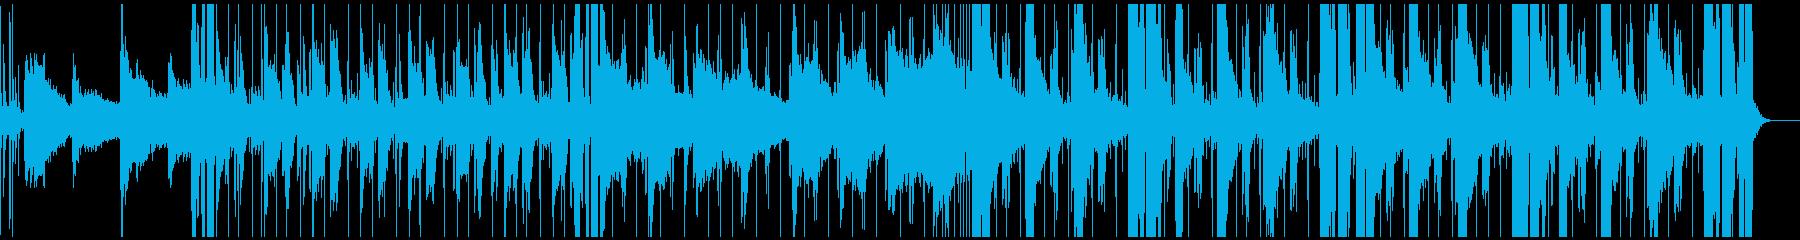 お洒落で爽やかな大人っぽいサウンドの再生済みの波形